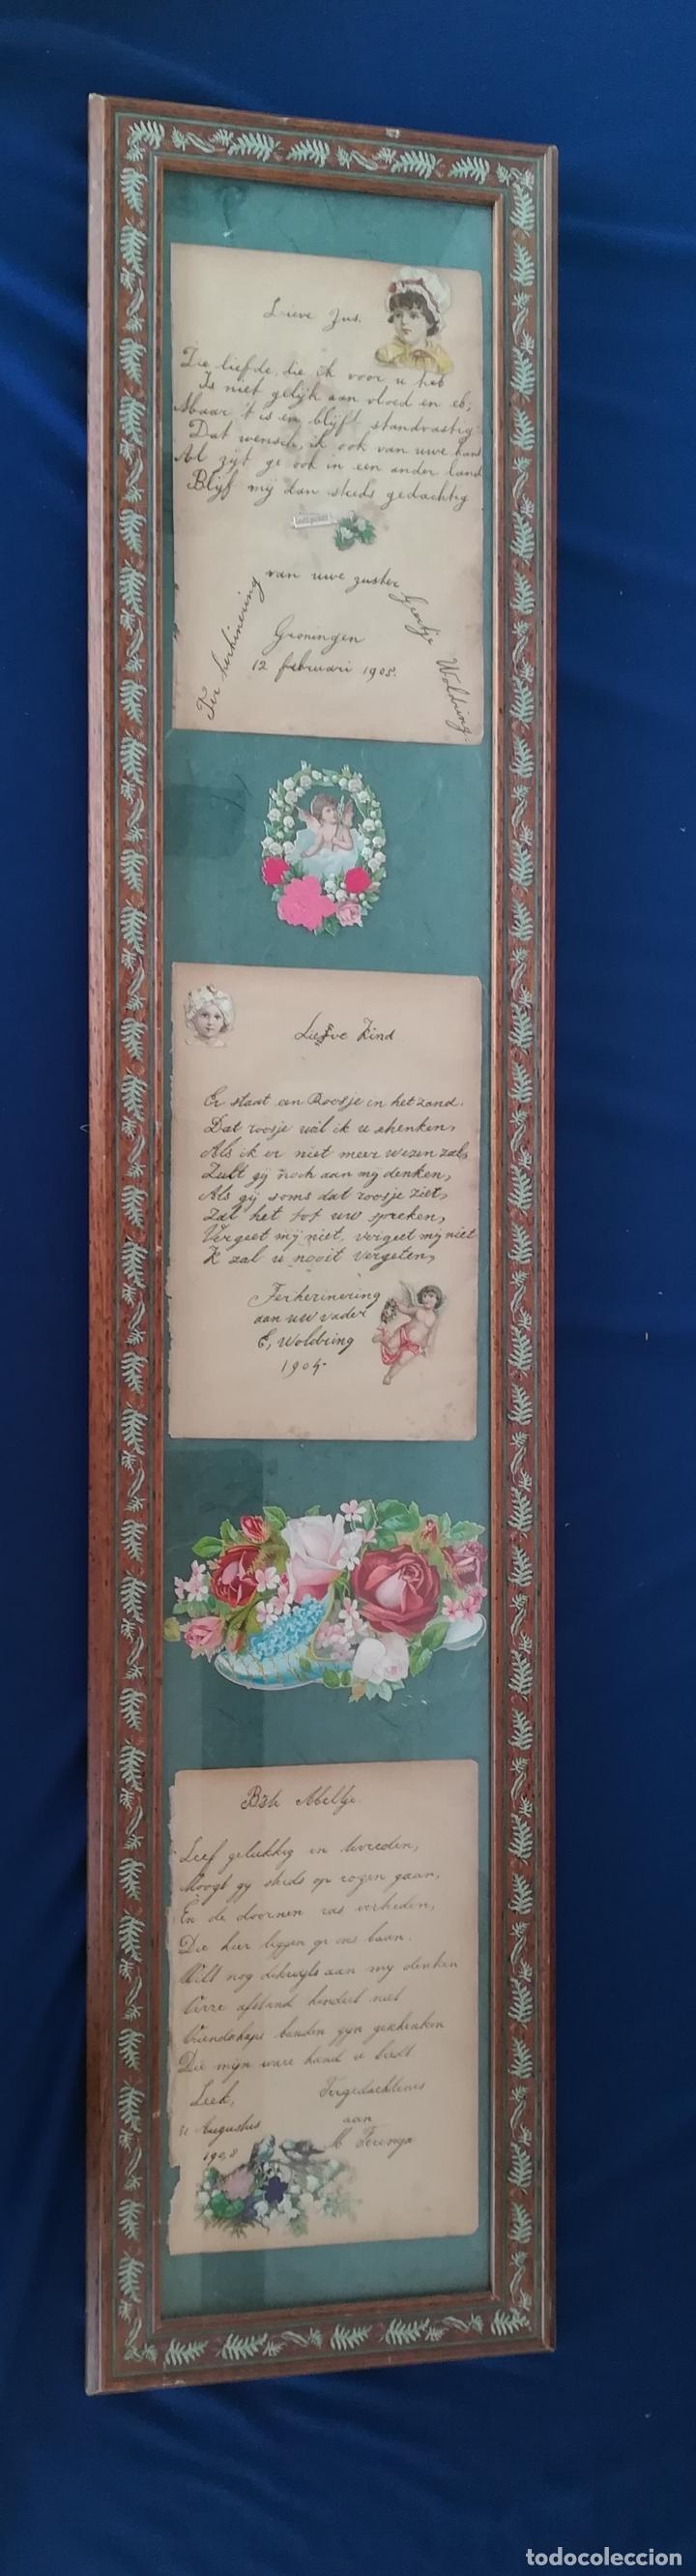 ANTIGUOS CUENTOS INFANTILES HOLANDESES DE LOS AÑOS 1904, 1905 Y 1908, ENMARCADO (Arte - Manuscritos Antiguos)